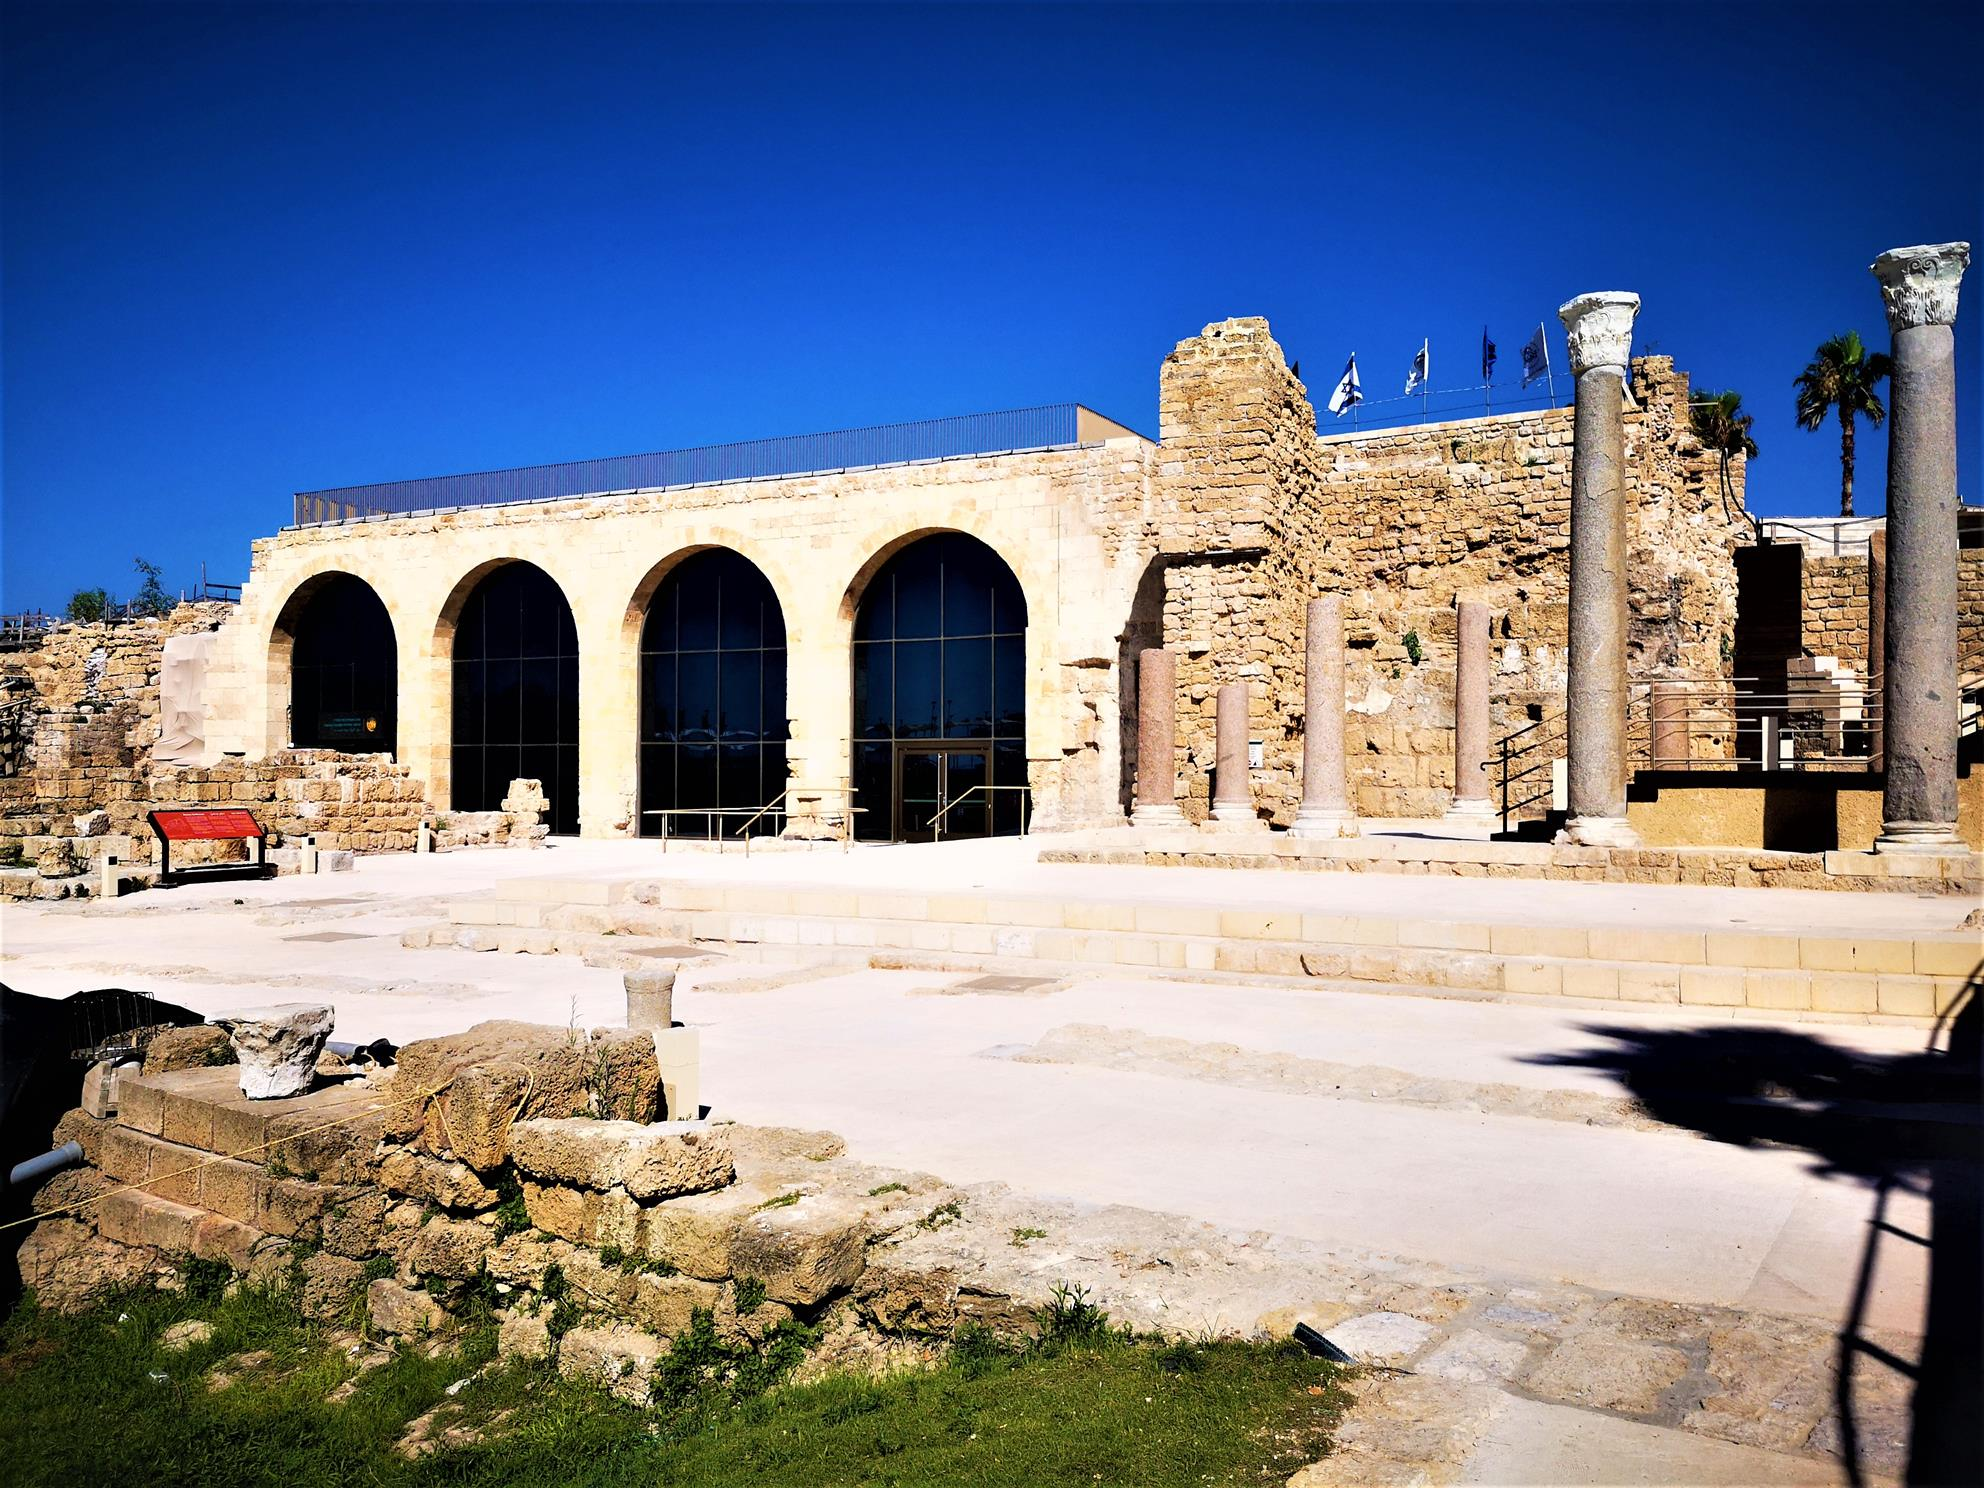 מרכז מבקרים חדש בגן לאומי קיסריה 2019, מטיילים עם ענת